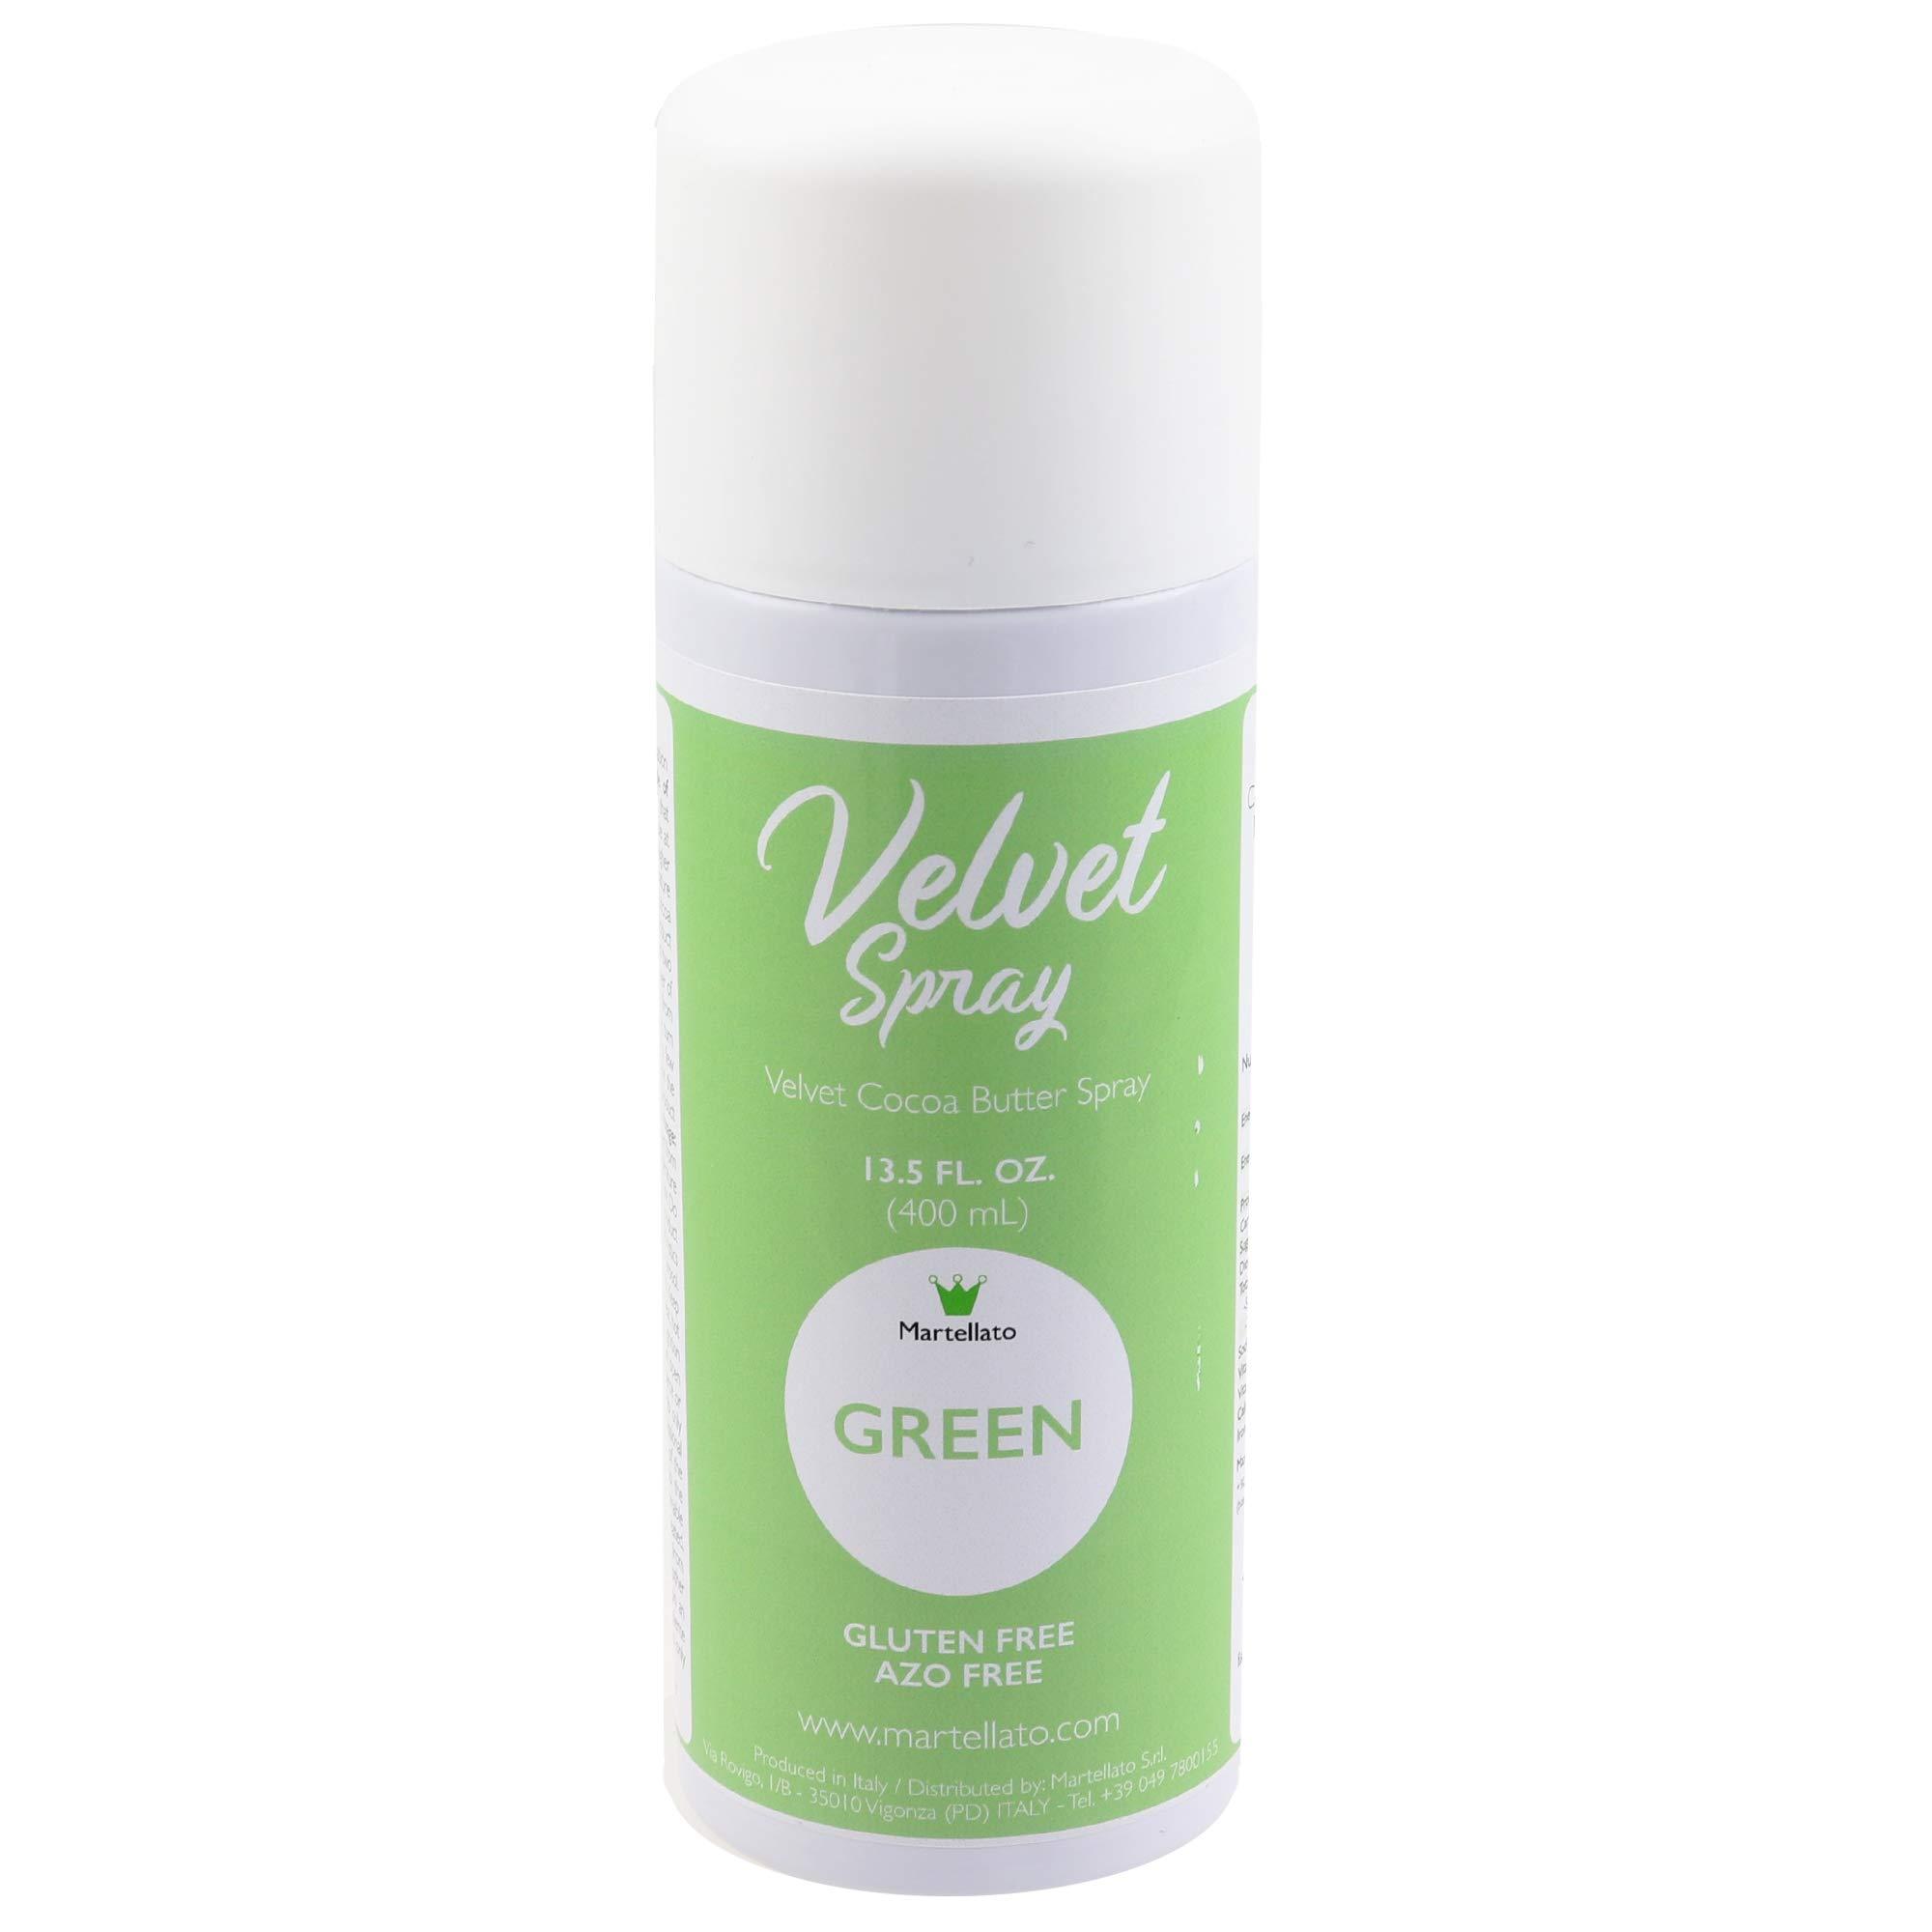 Martellato Green Velvet Spray 13.5 Ounce (400ml) by Martellato (Image #1)